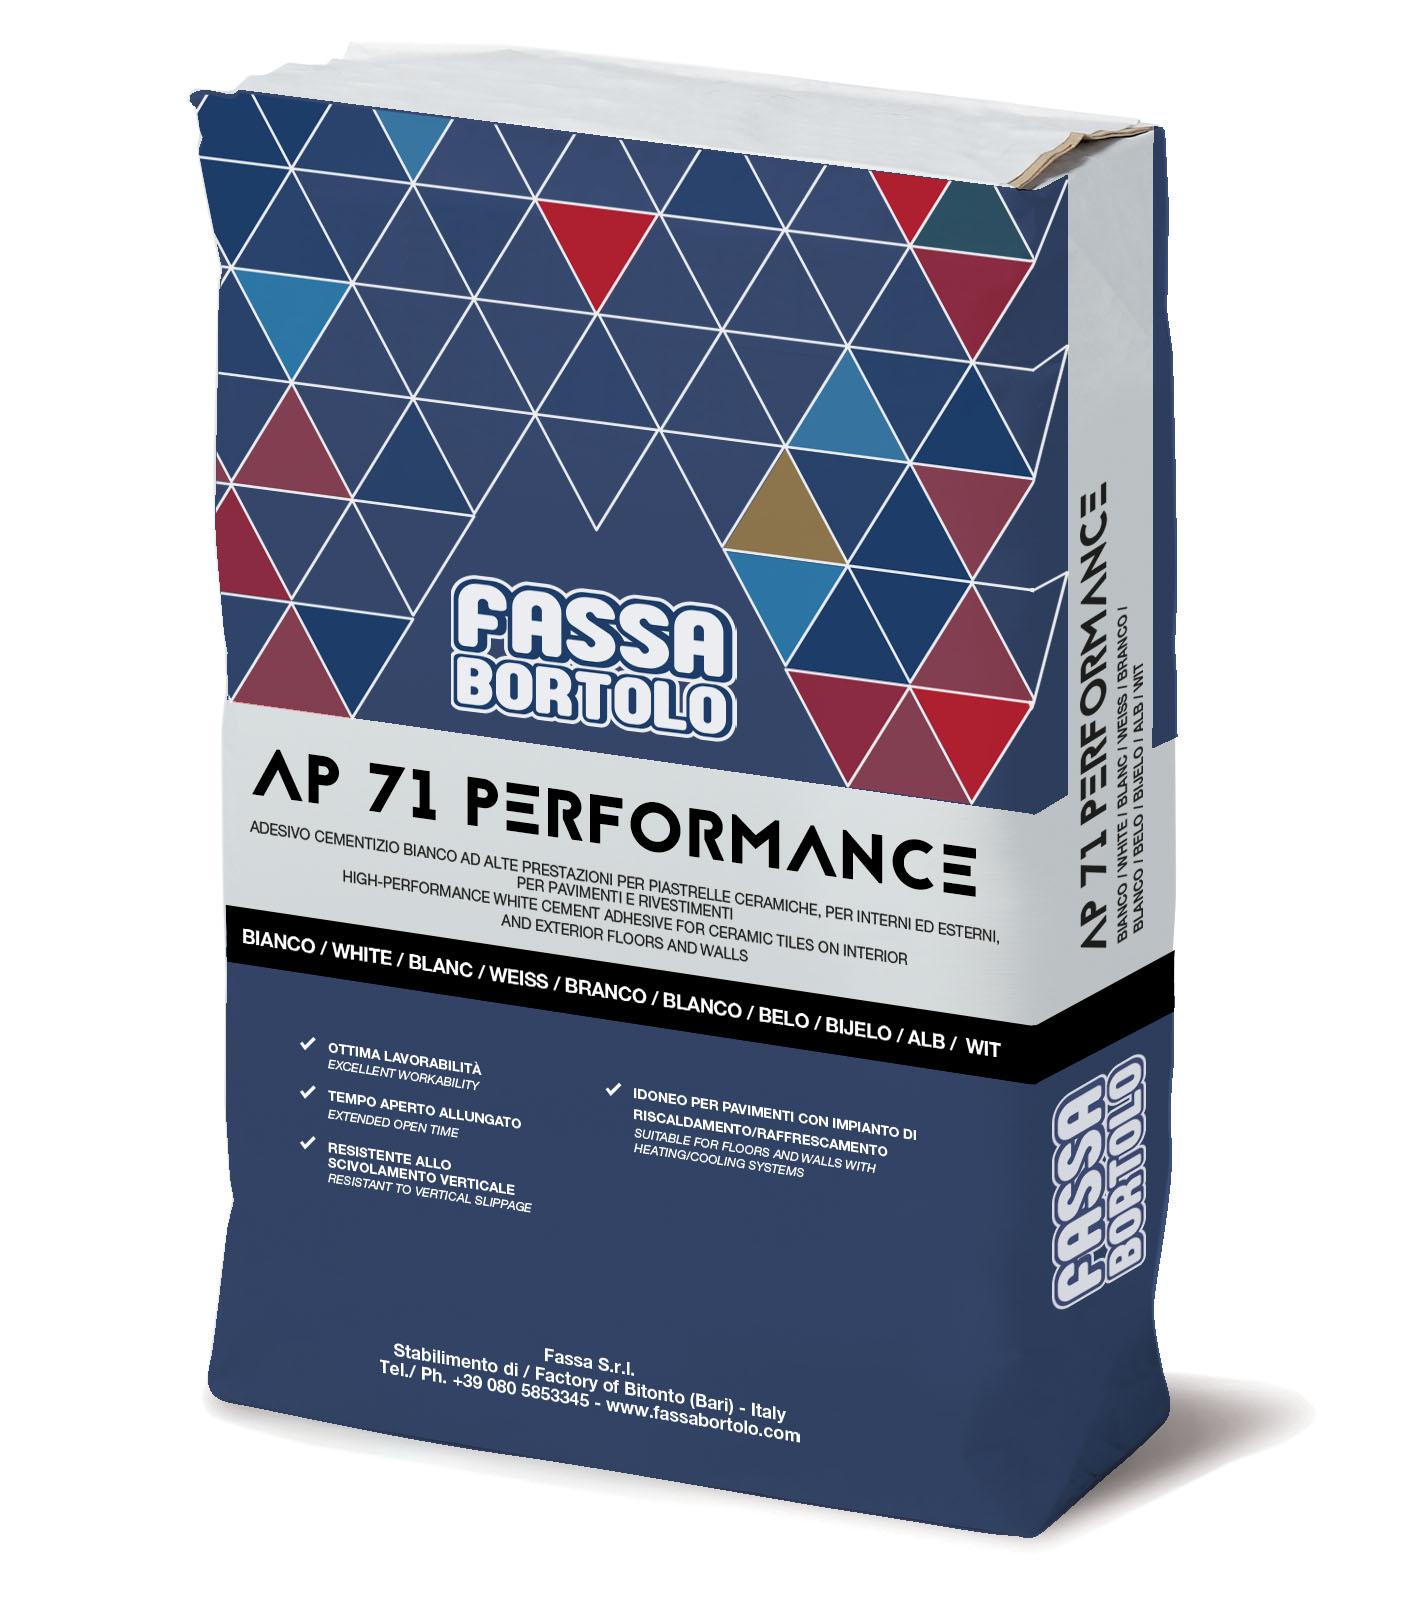 AP 71 PERFORMANCE: Einkomponenten-Klebstoff von mittlerer Elastizität in Weiß und Grau, abrutschfest und mit verlängerter Offenzeit, für Boden- und Wandbeläge sowohl im Außen- als auch im Innenbereich.